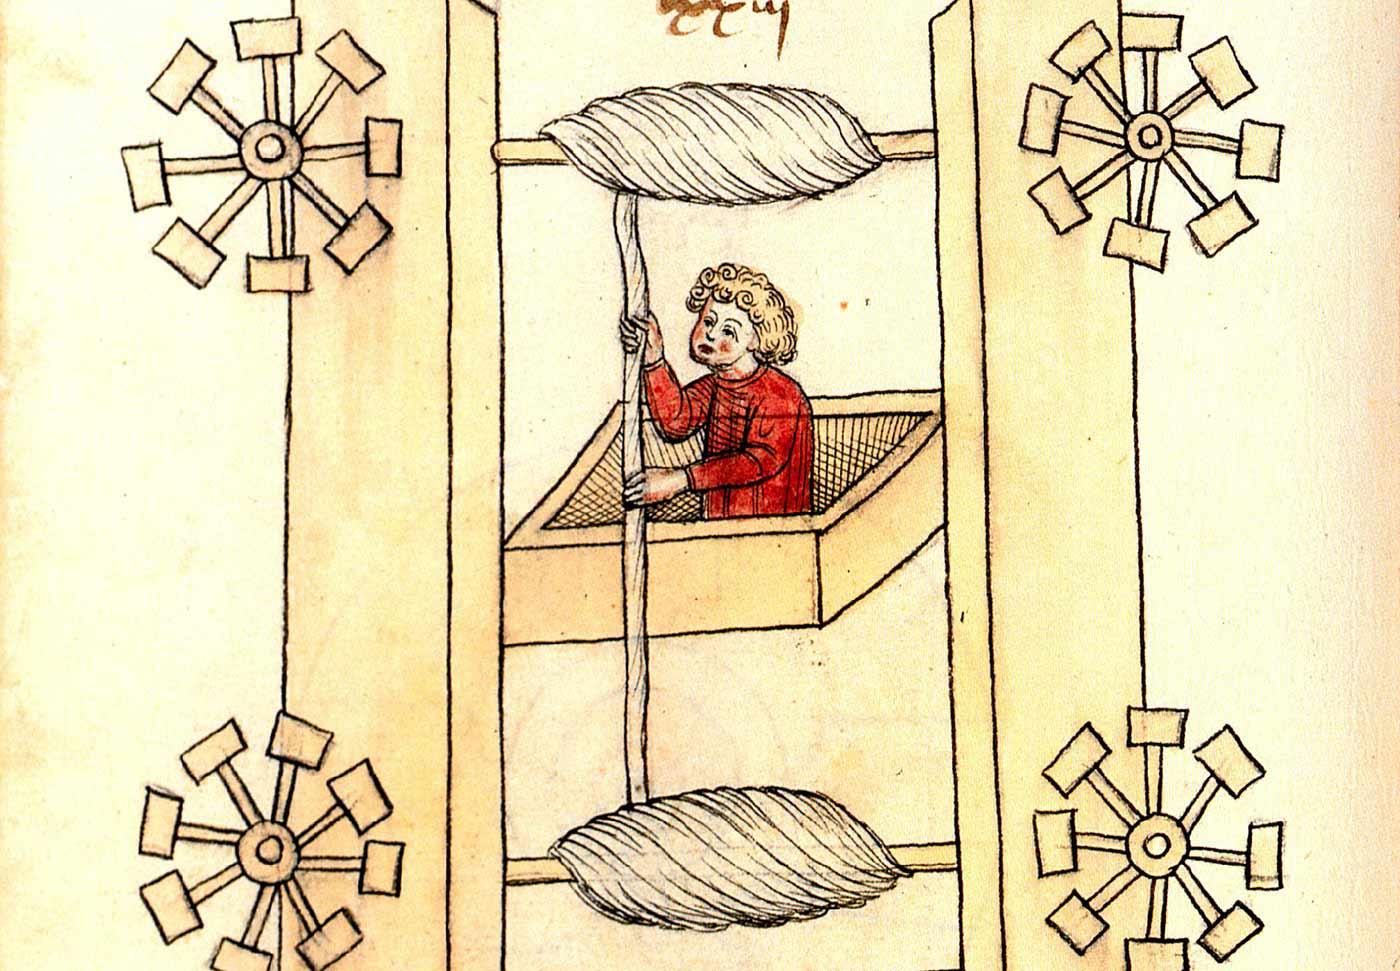 Elevator design by the German engineer Konrad Kyeser (1405).